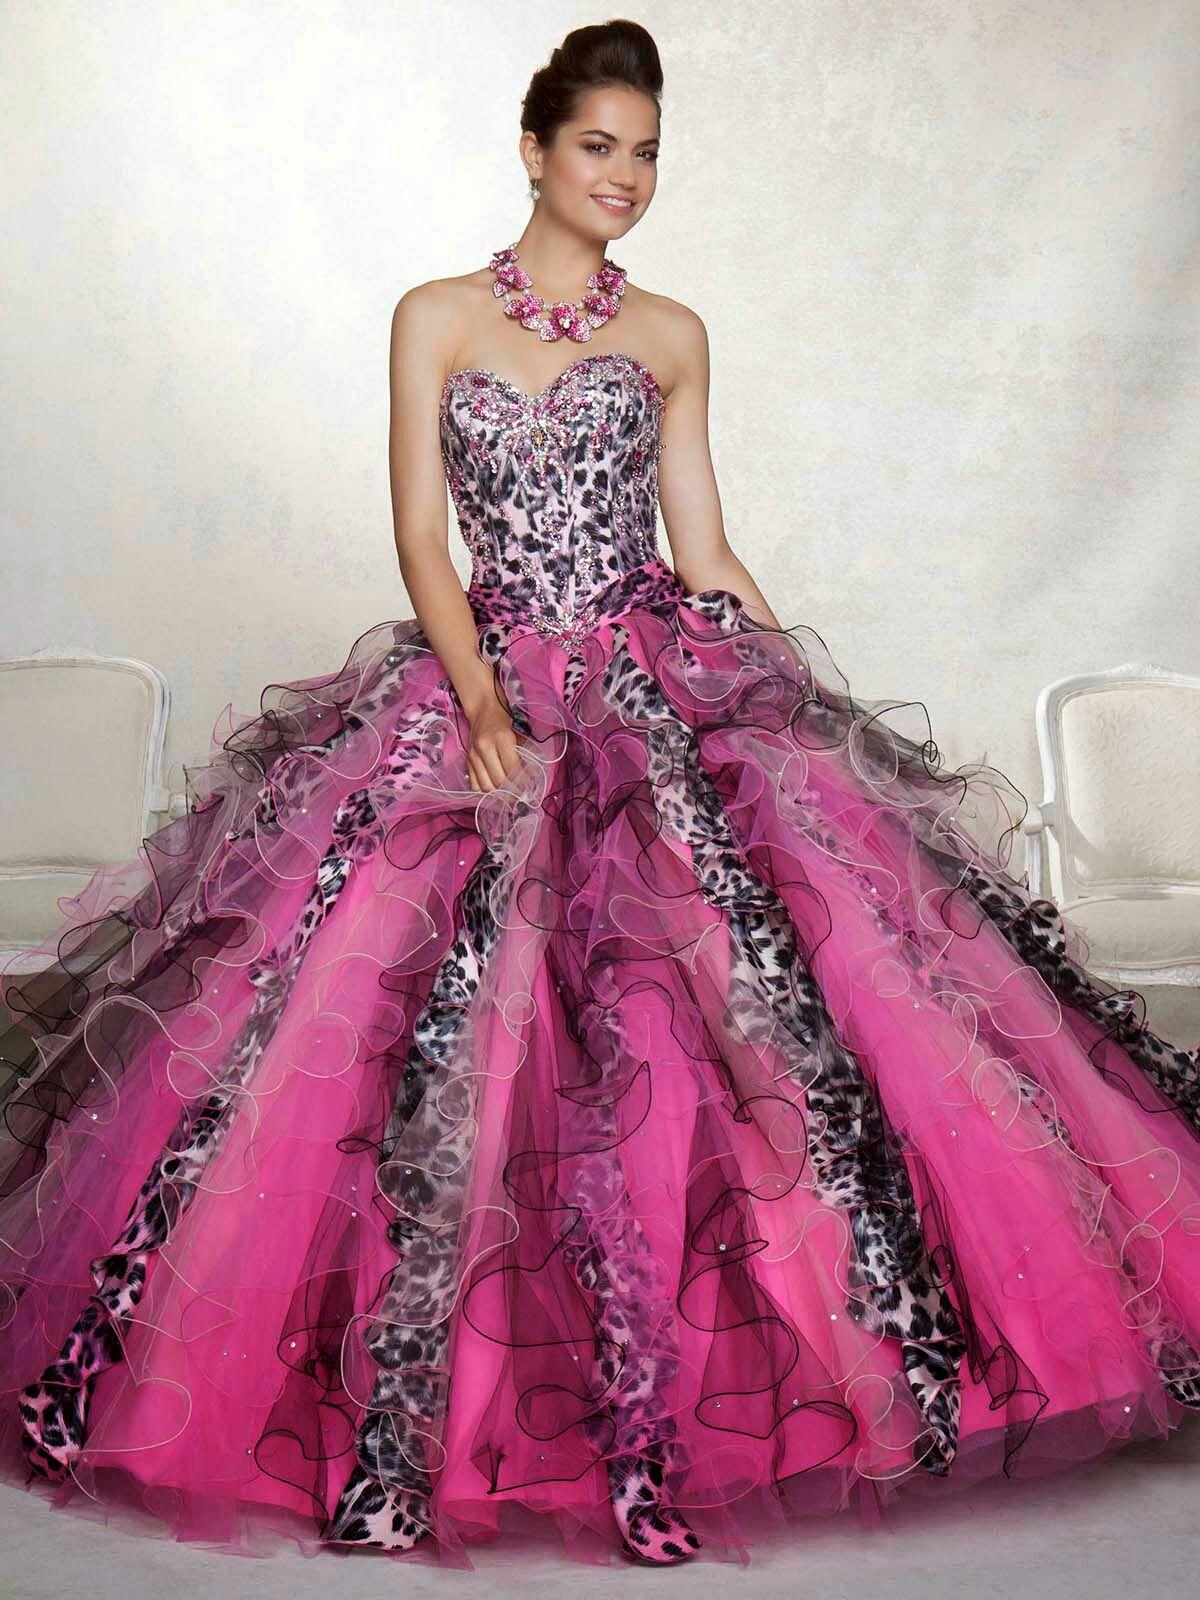 Lujo Vestido De Novia Ggg.com Ideas - Colección de Vestidos de Boda ...